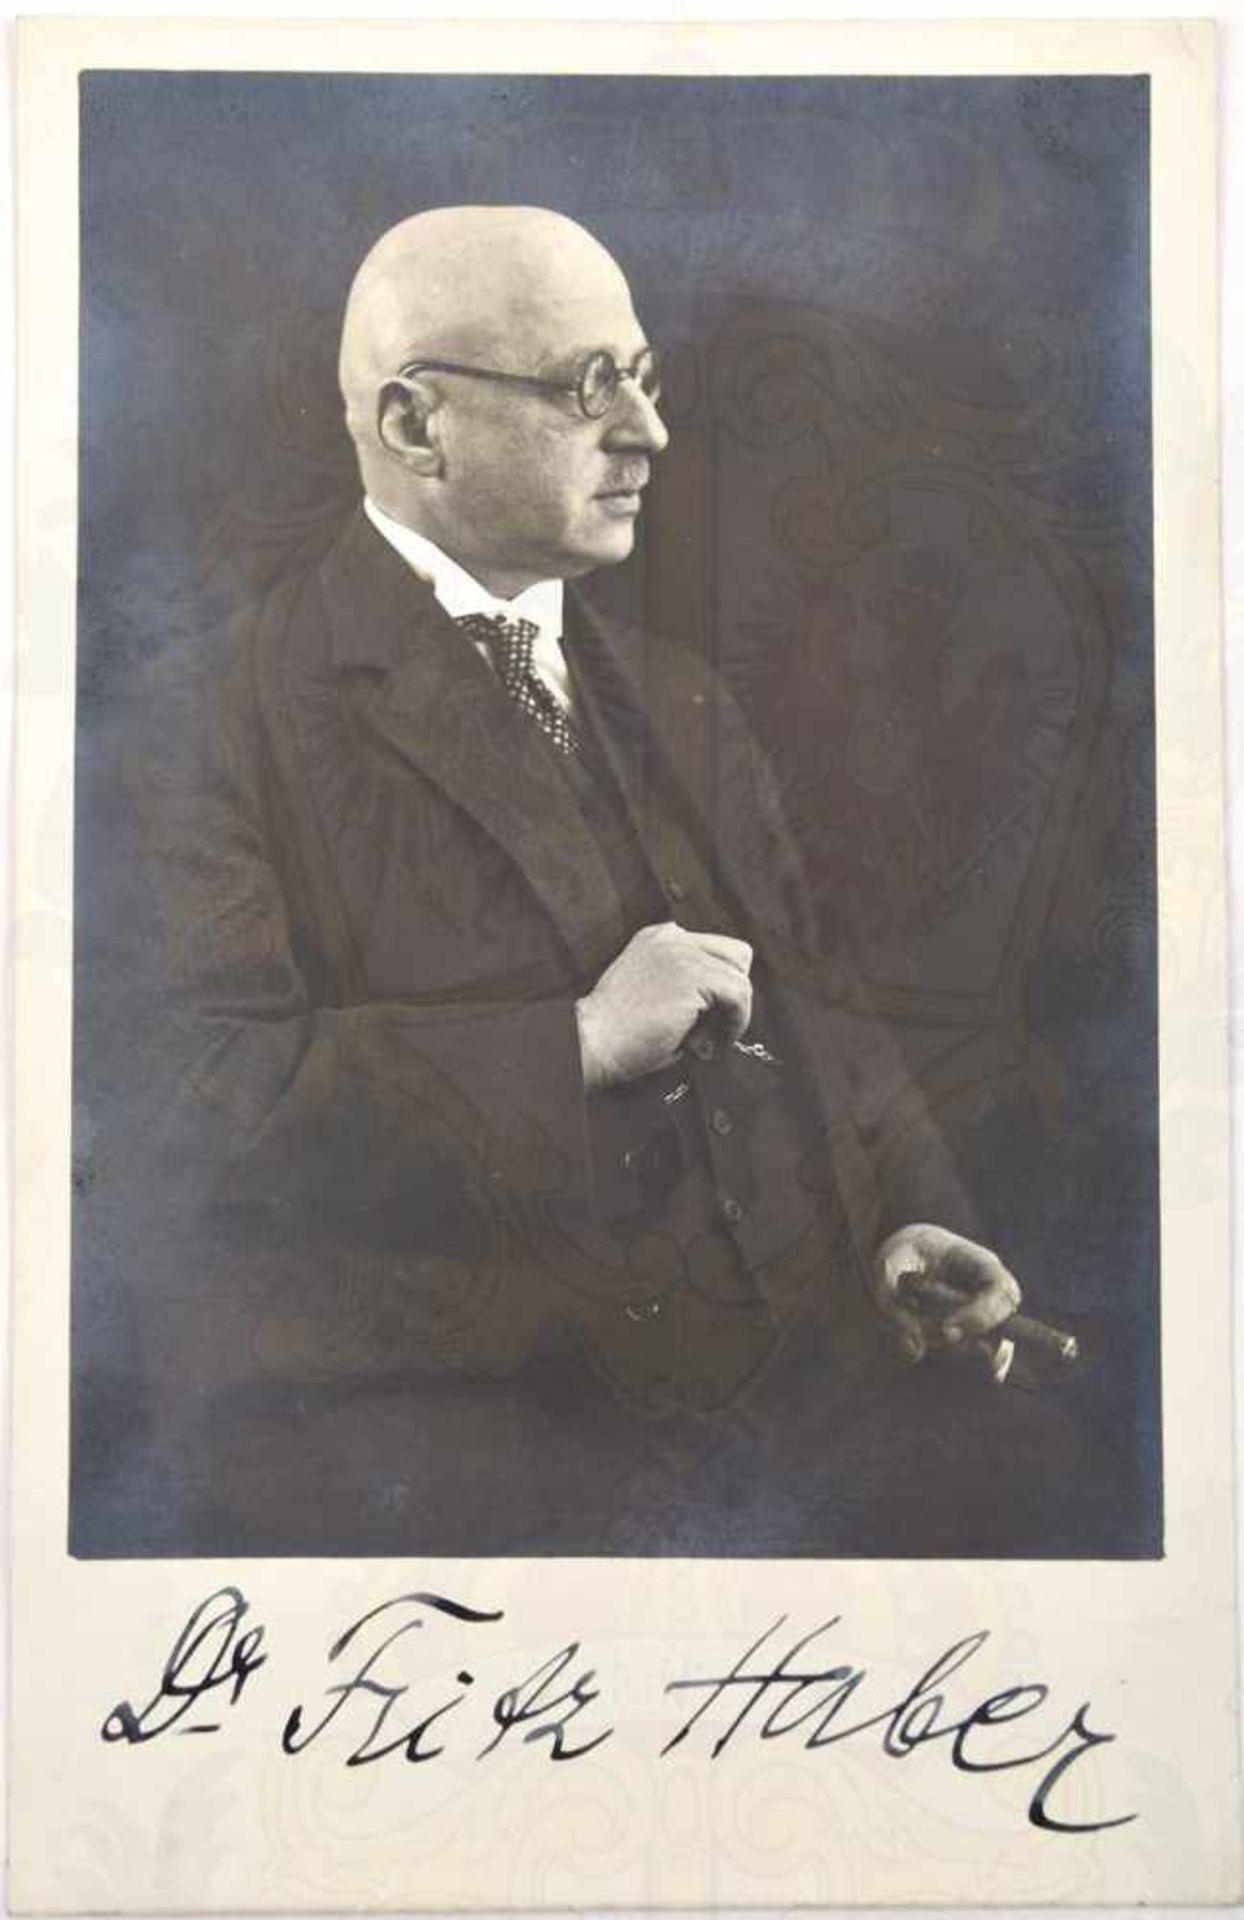 HABER, FRITZ (1868-1934), dt. Chemiker u. Entwickler von synthet. Stickstoffdünger, Nobelpreis 1919,